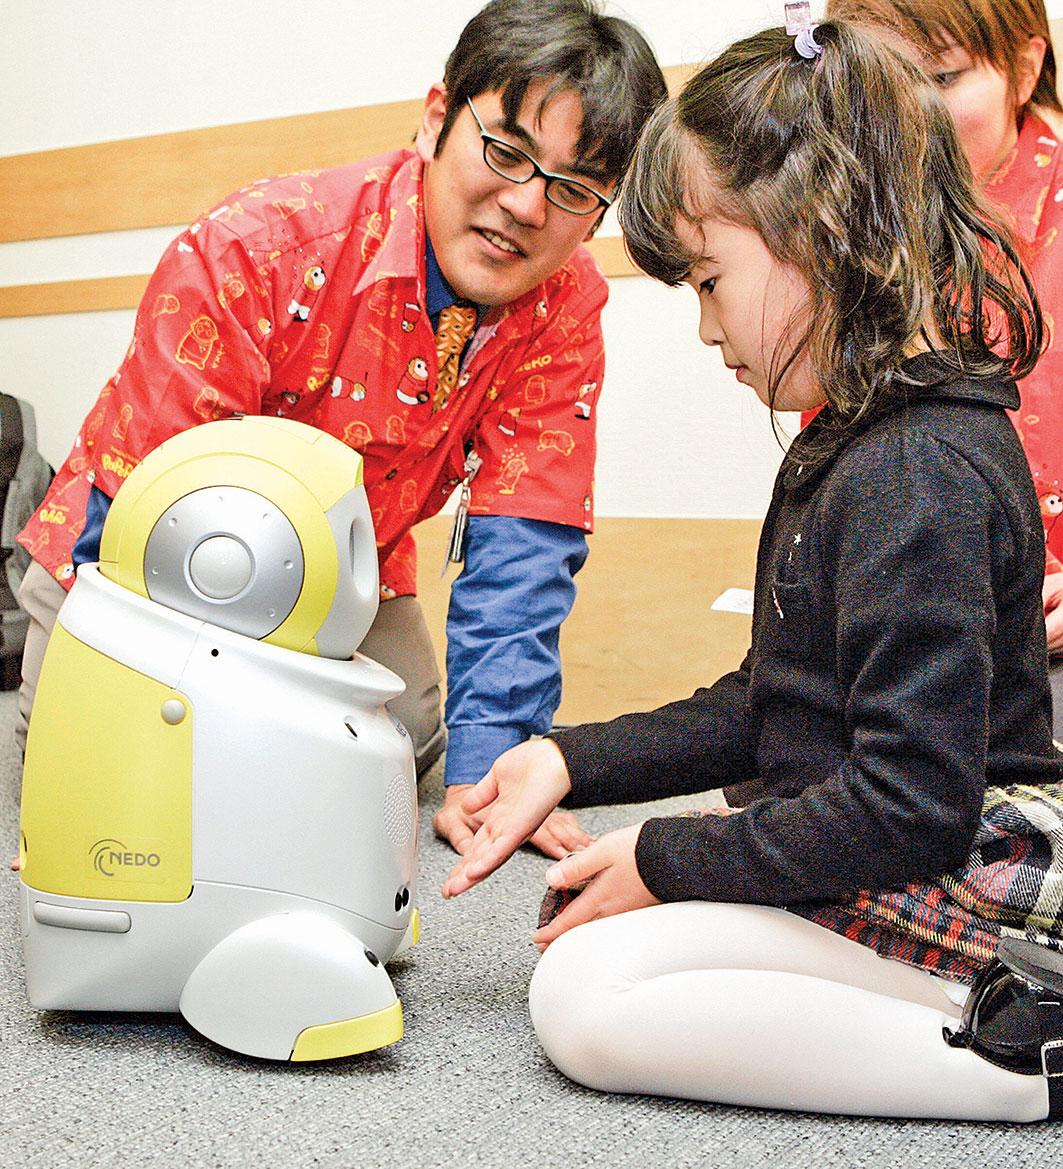 日本電腦大廠日本電氣(NEC)推出具充當小孩玩伴、問候、講笑話以及與主人一起跳舞等功能的互動型保母機器人。(Getty Images)